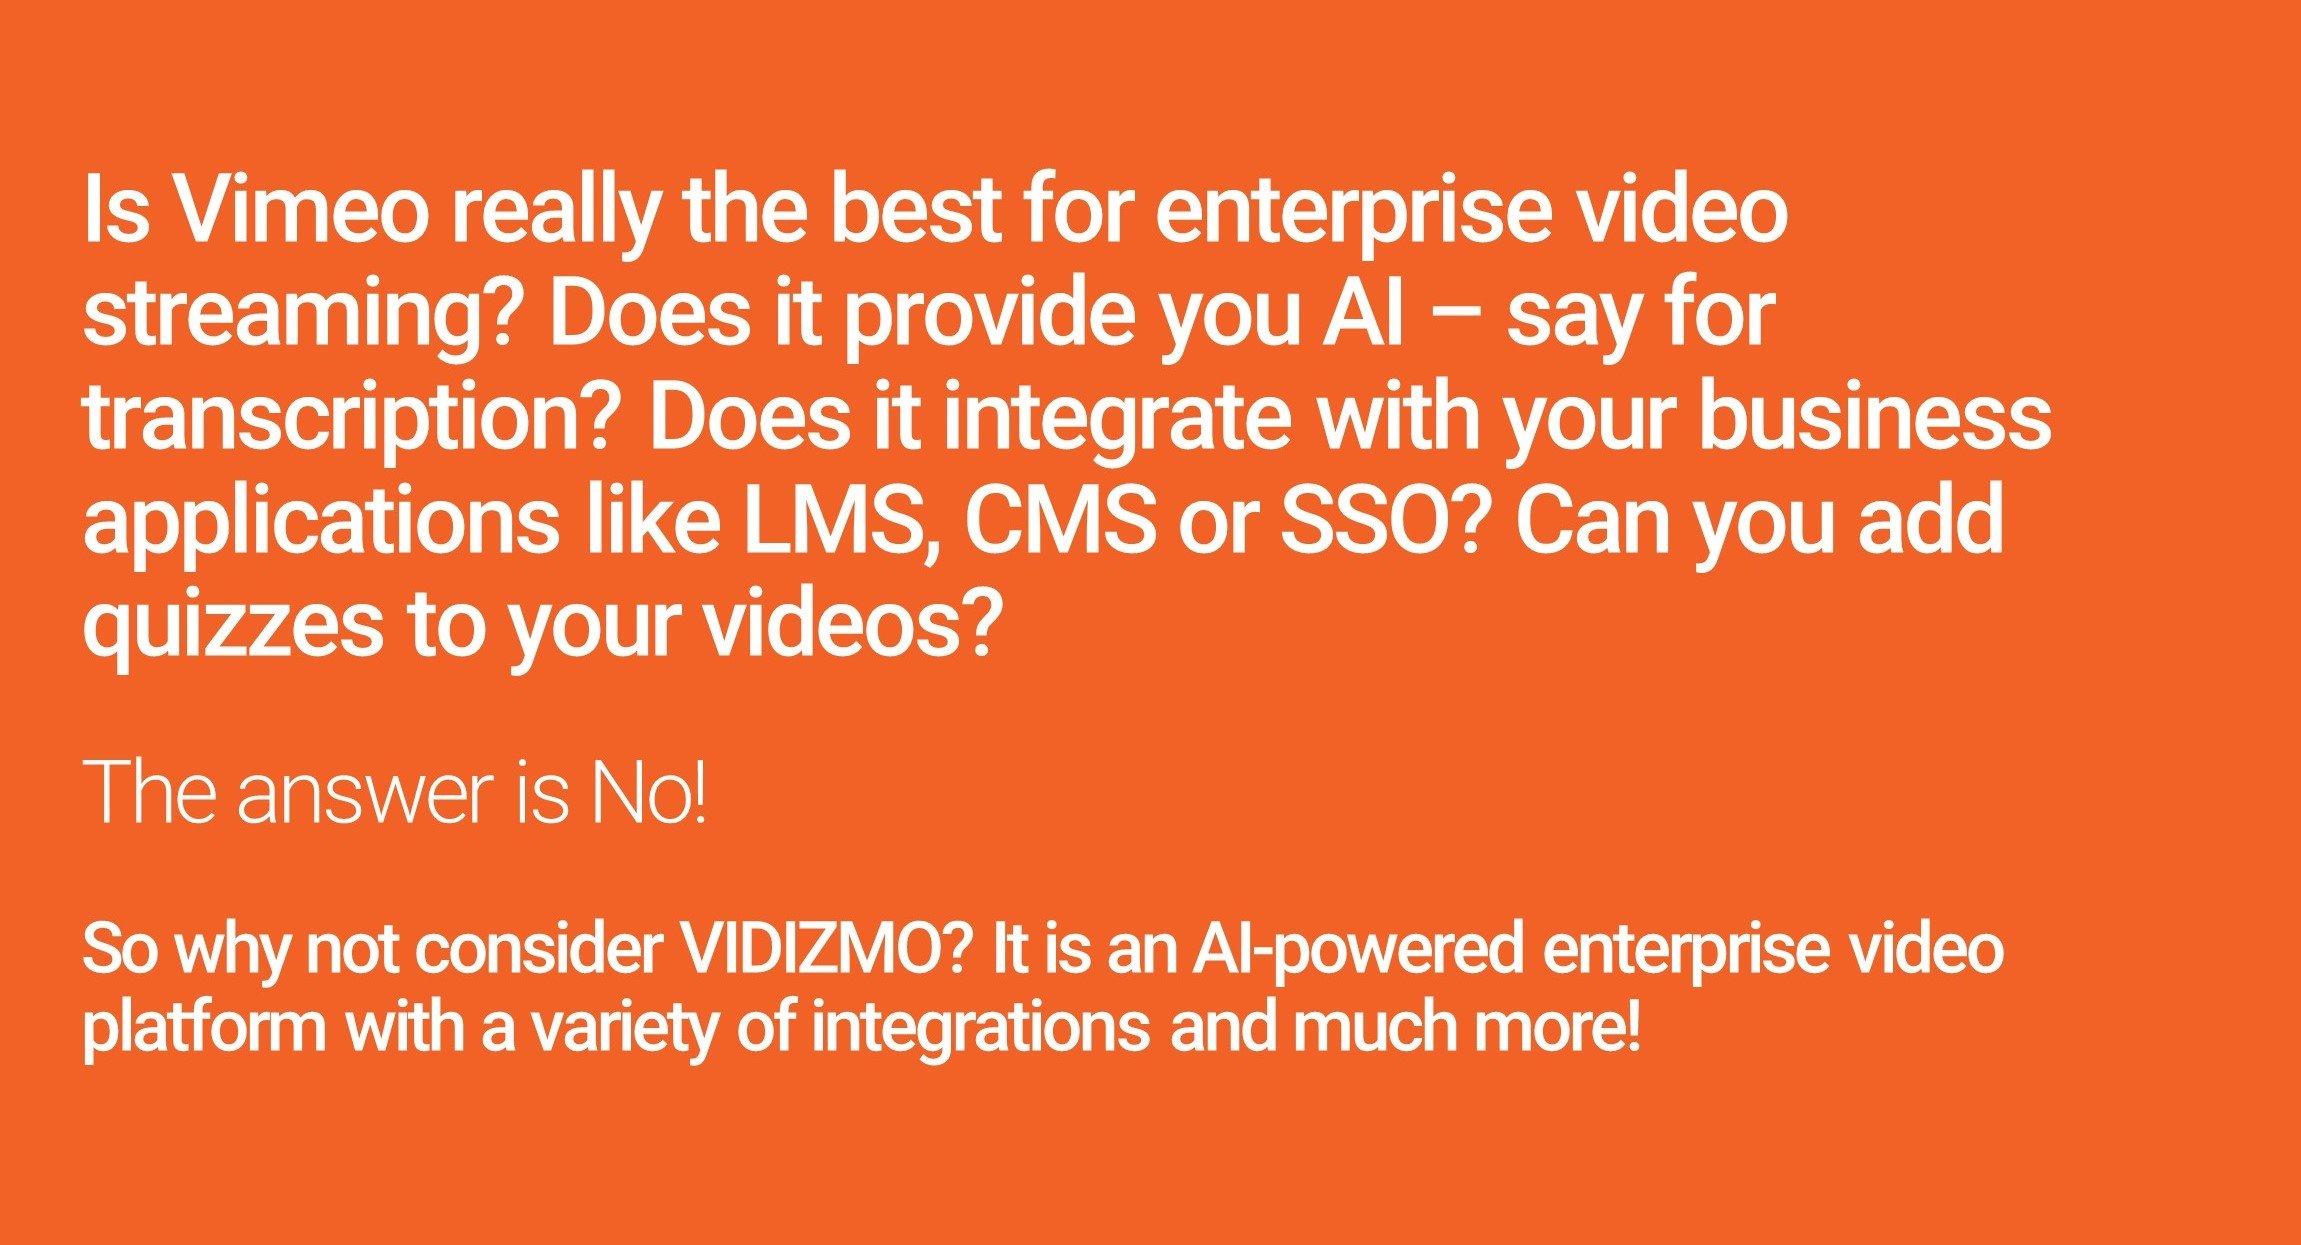 Vimeo Infographic